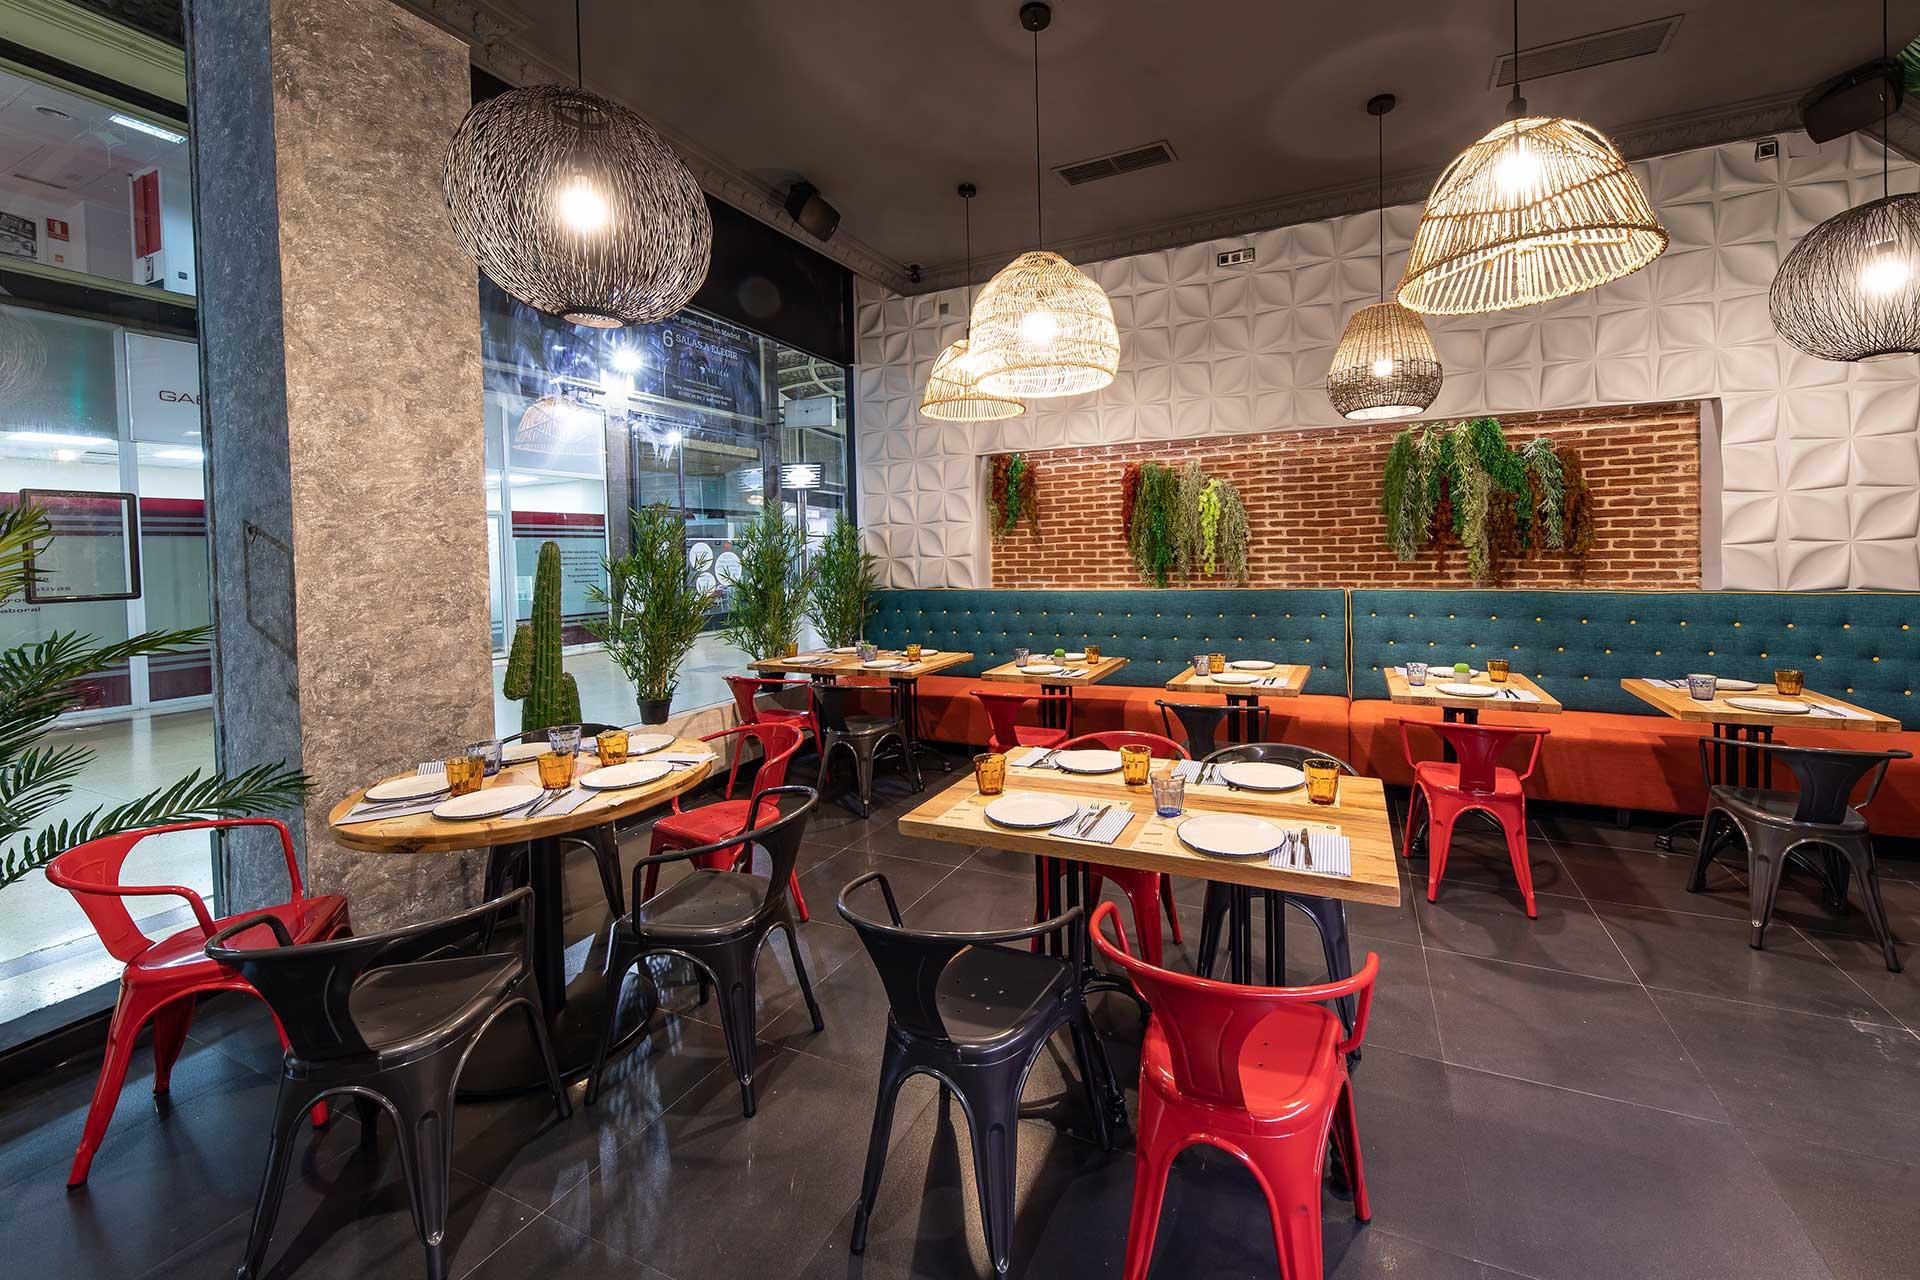 Restaurante mexicano Gran vía Madrid